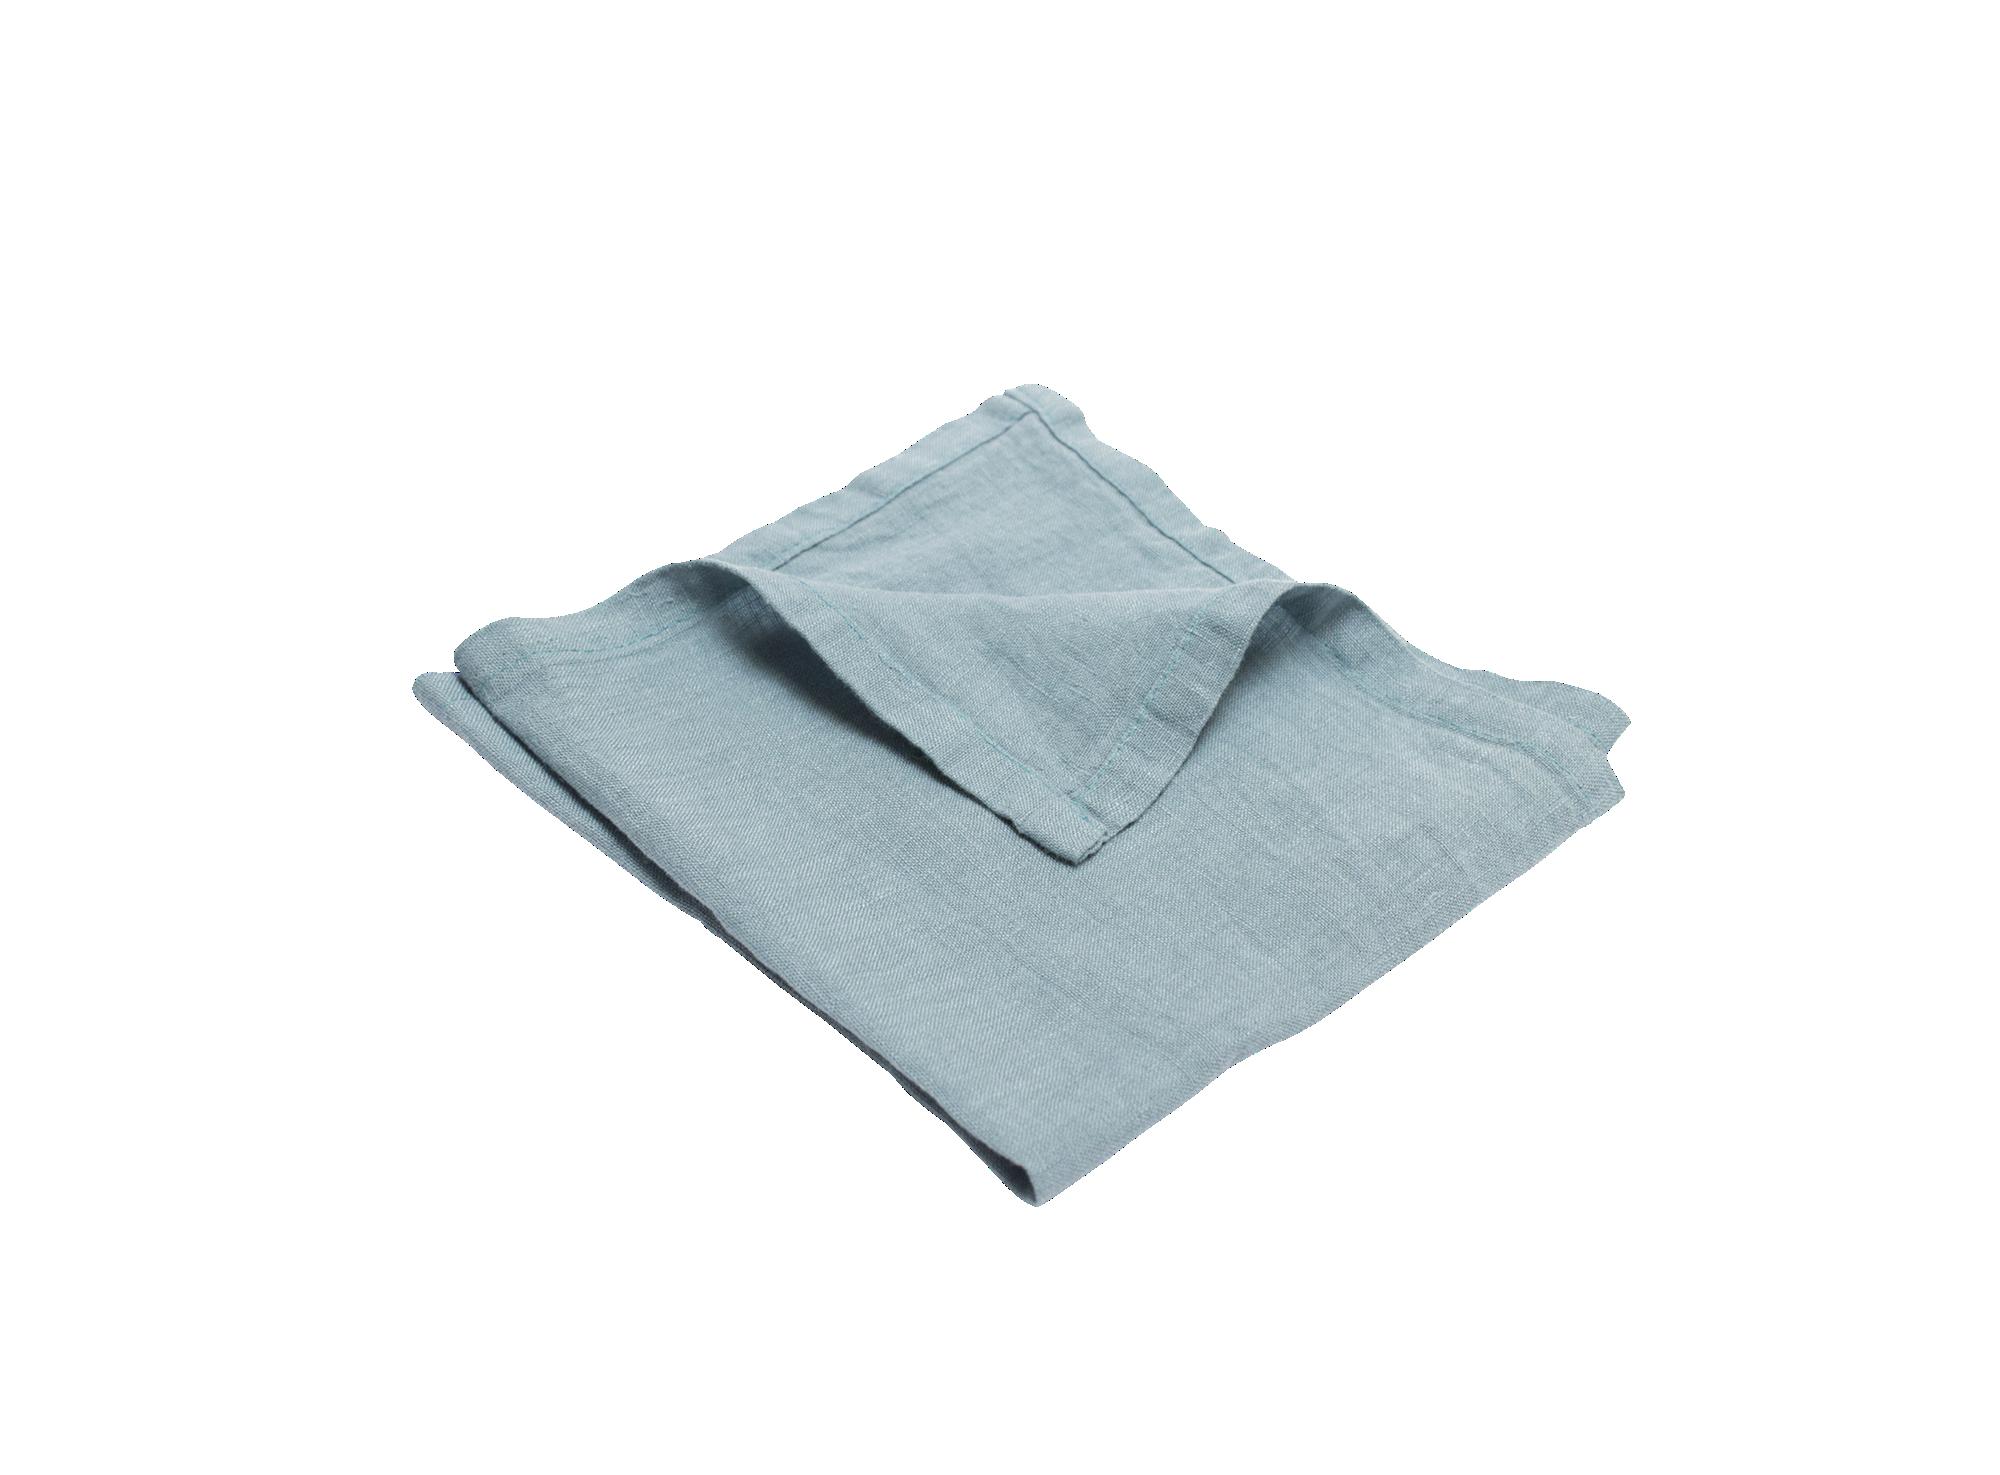 Serviette 40x40cm 100% lin coloris bleu ciel densite 150g/m2 lavable ...